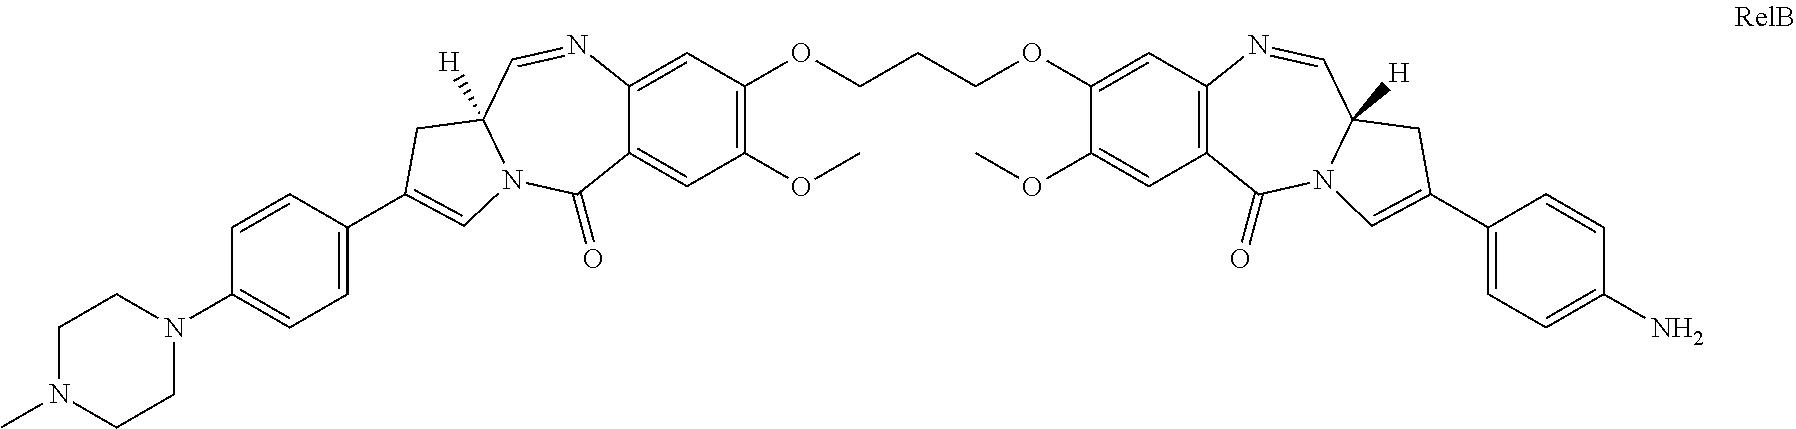 Figure US20150273078A1-20151001-C00027